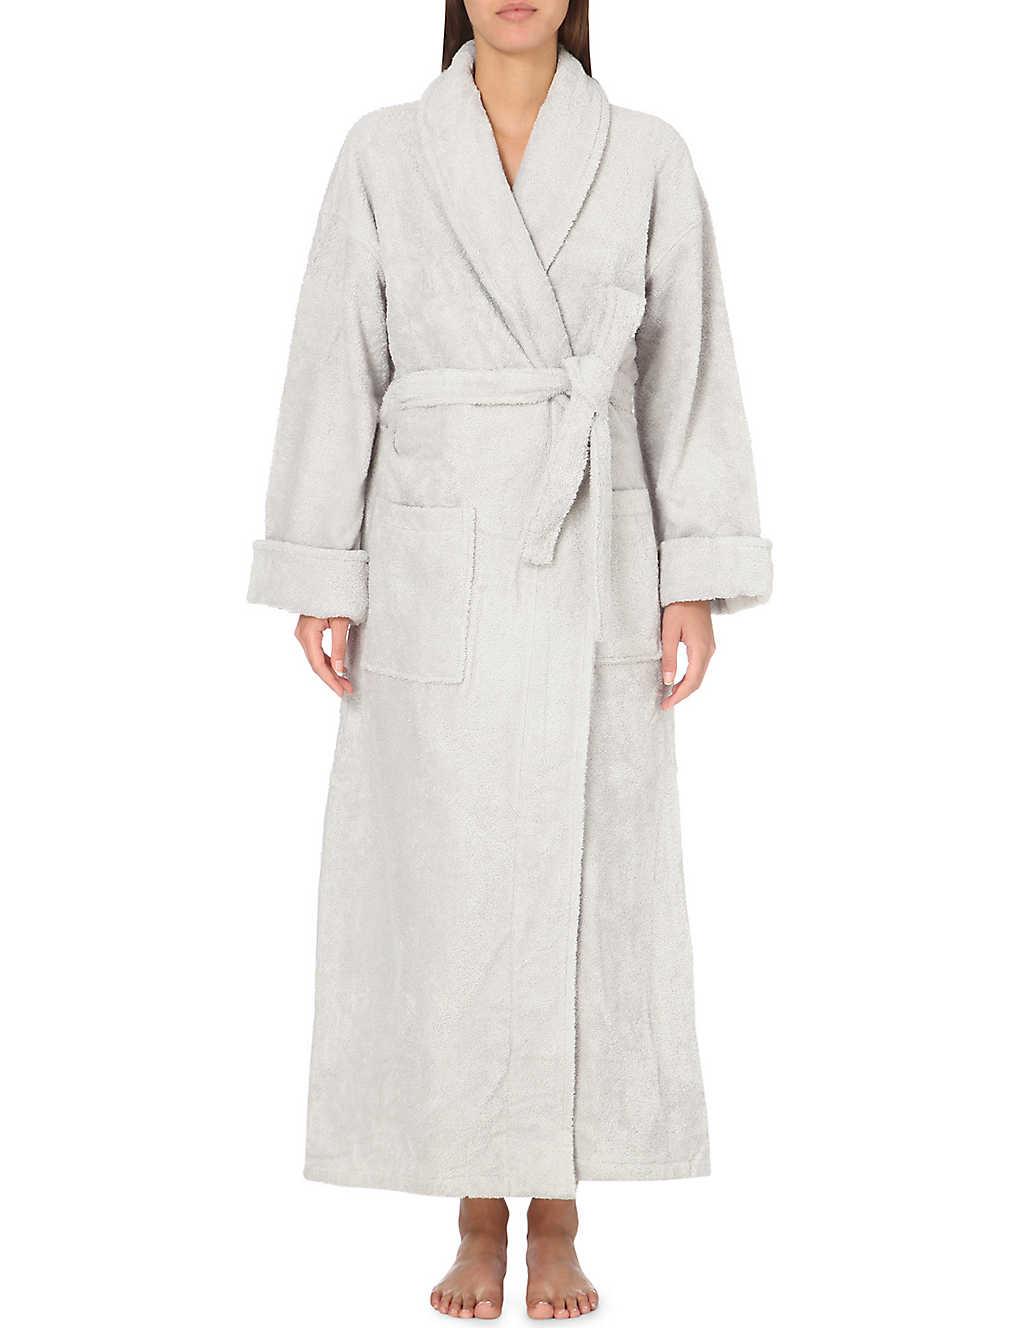 6372484d64 THE WHITE COMPANY - Classic cotton robe